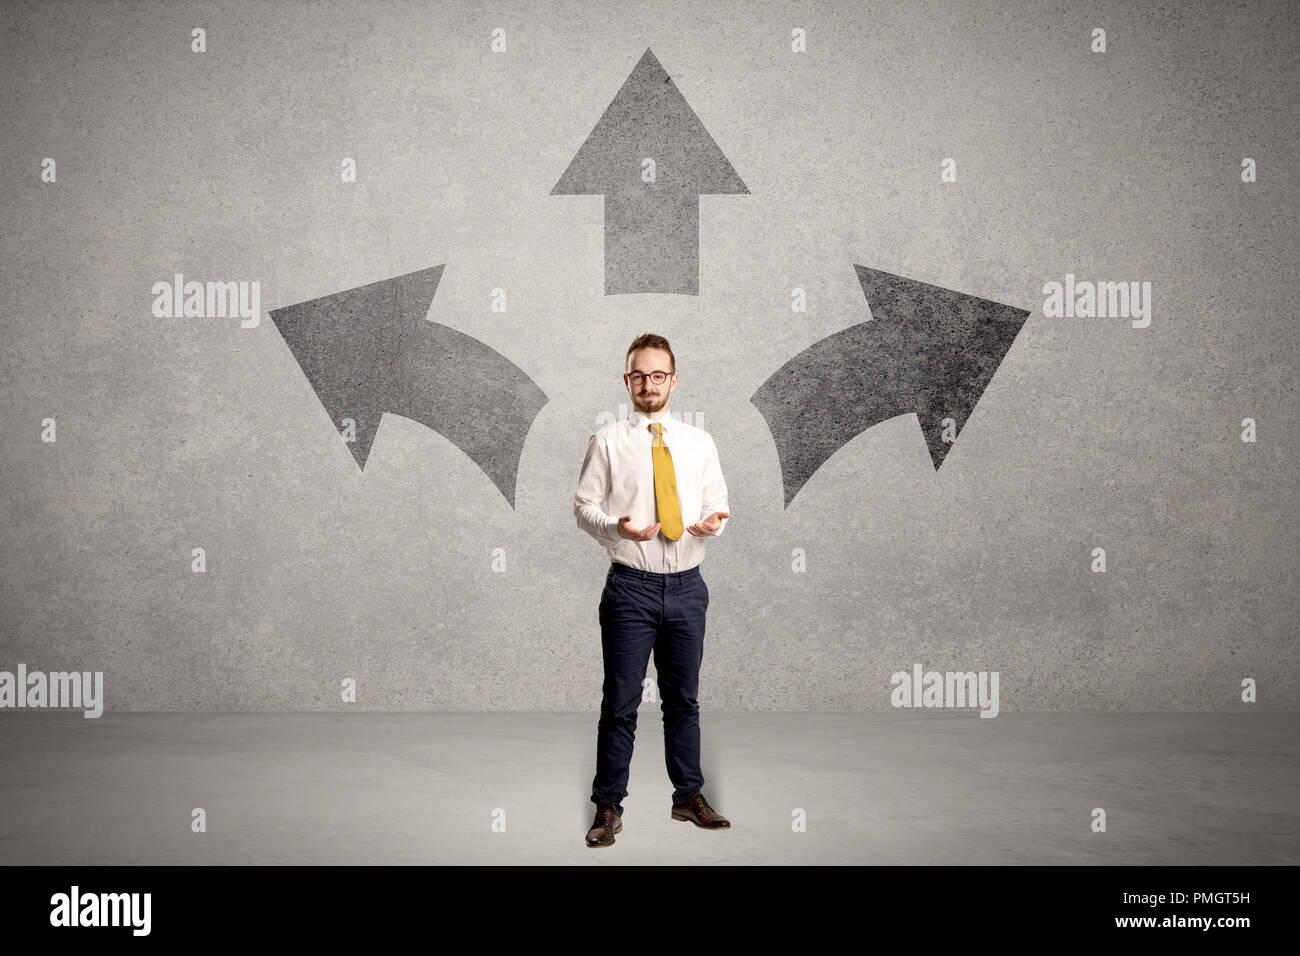 Charmante Geschäftsmann in Zweifel, indem Sie aus drei Richtungen vor einer grauen Wand Stockbild